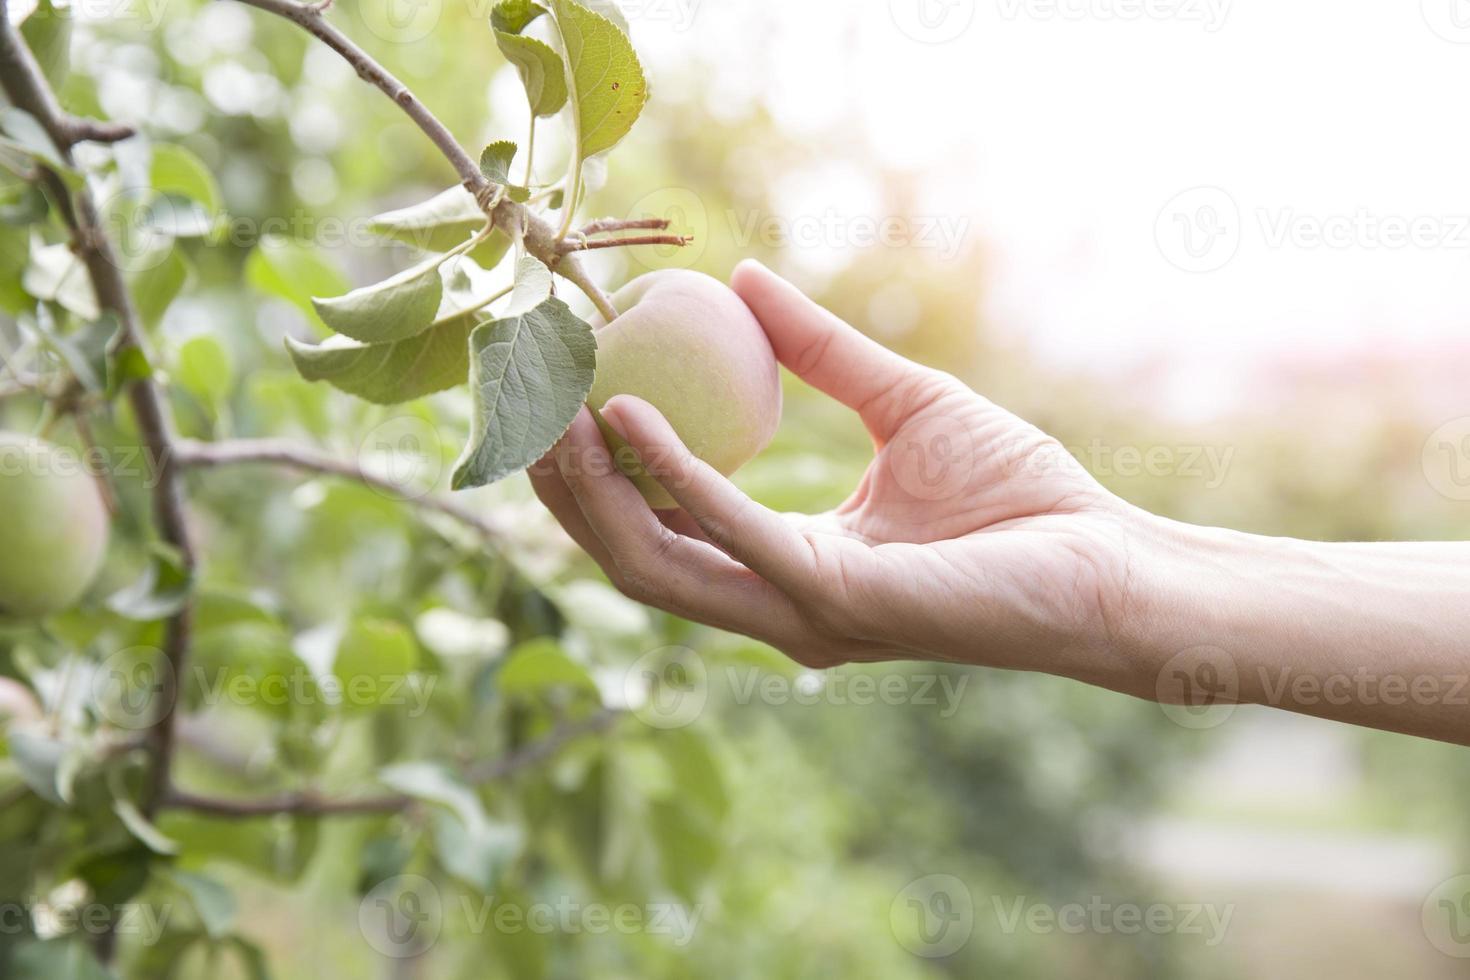 mão pegando uma maçã de uma árvore foto